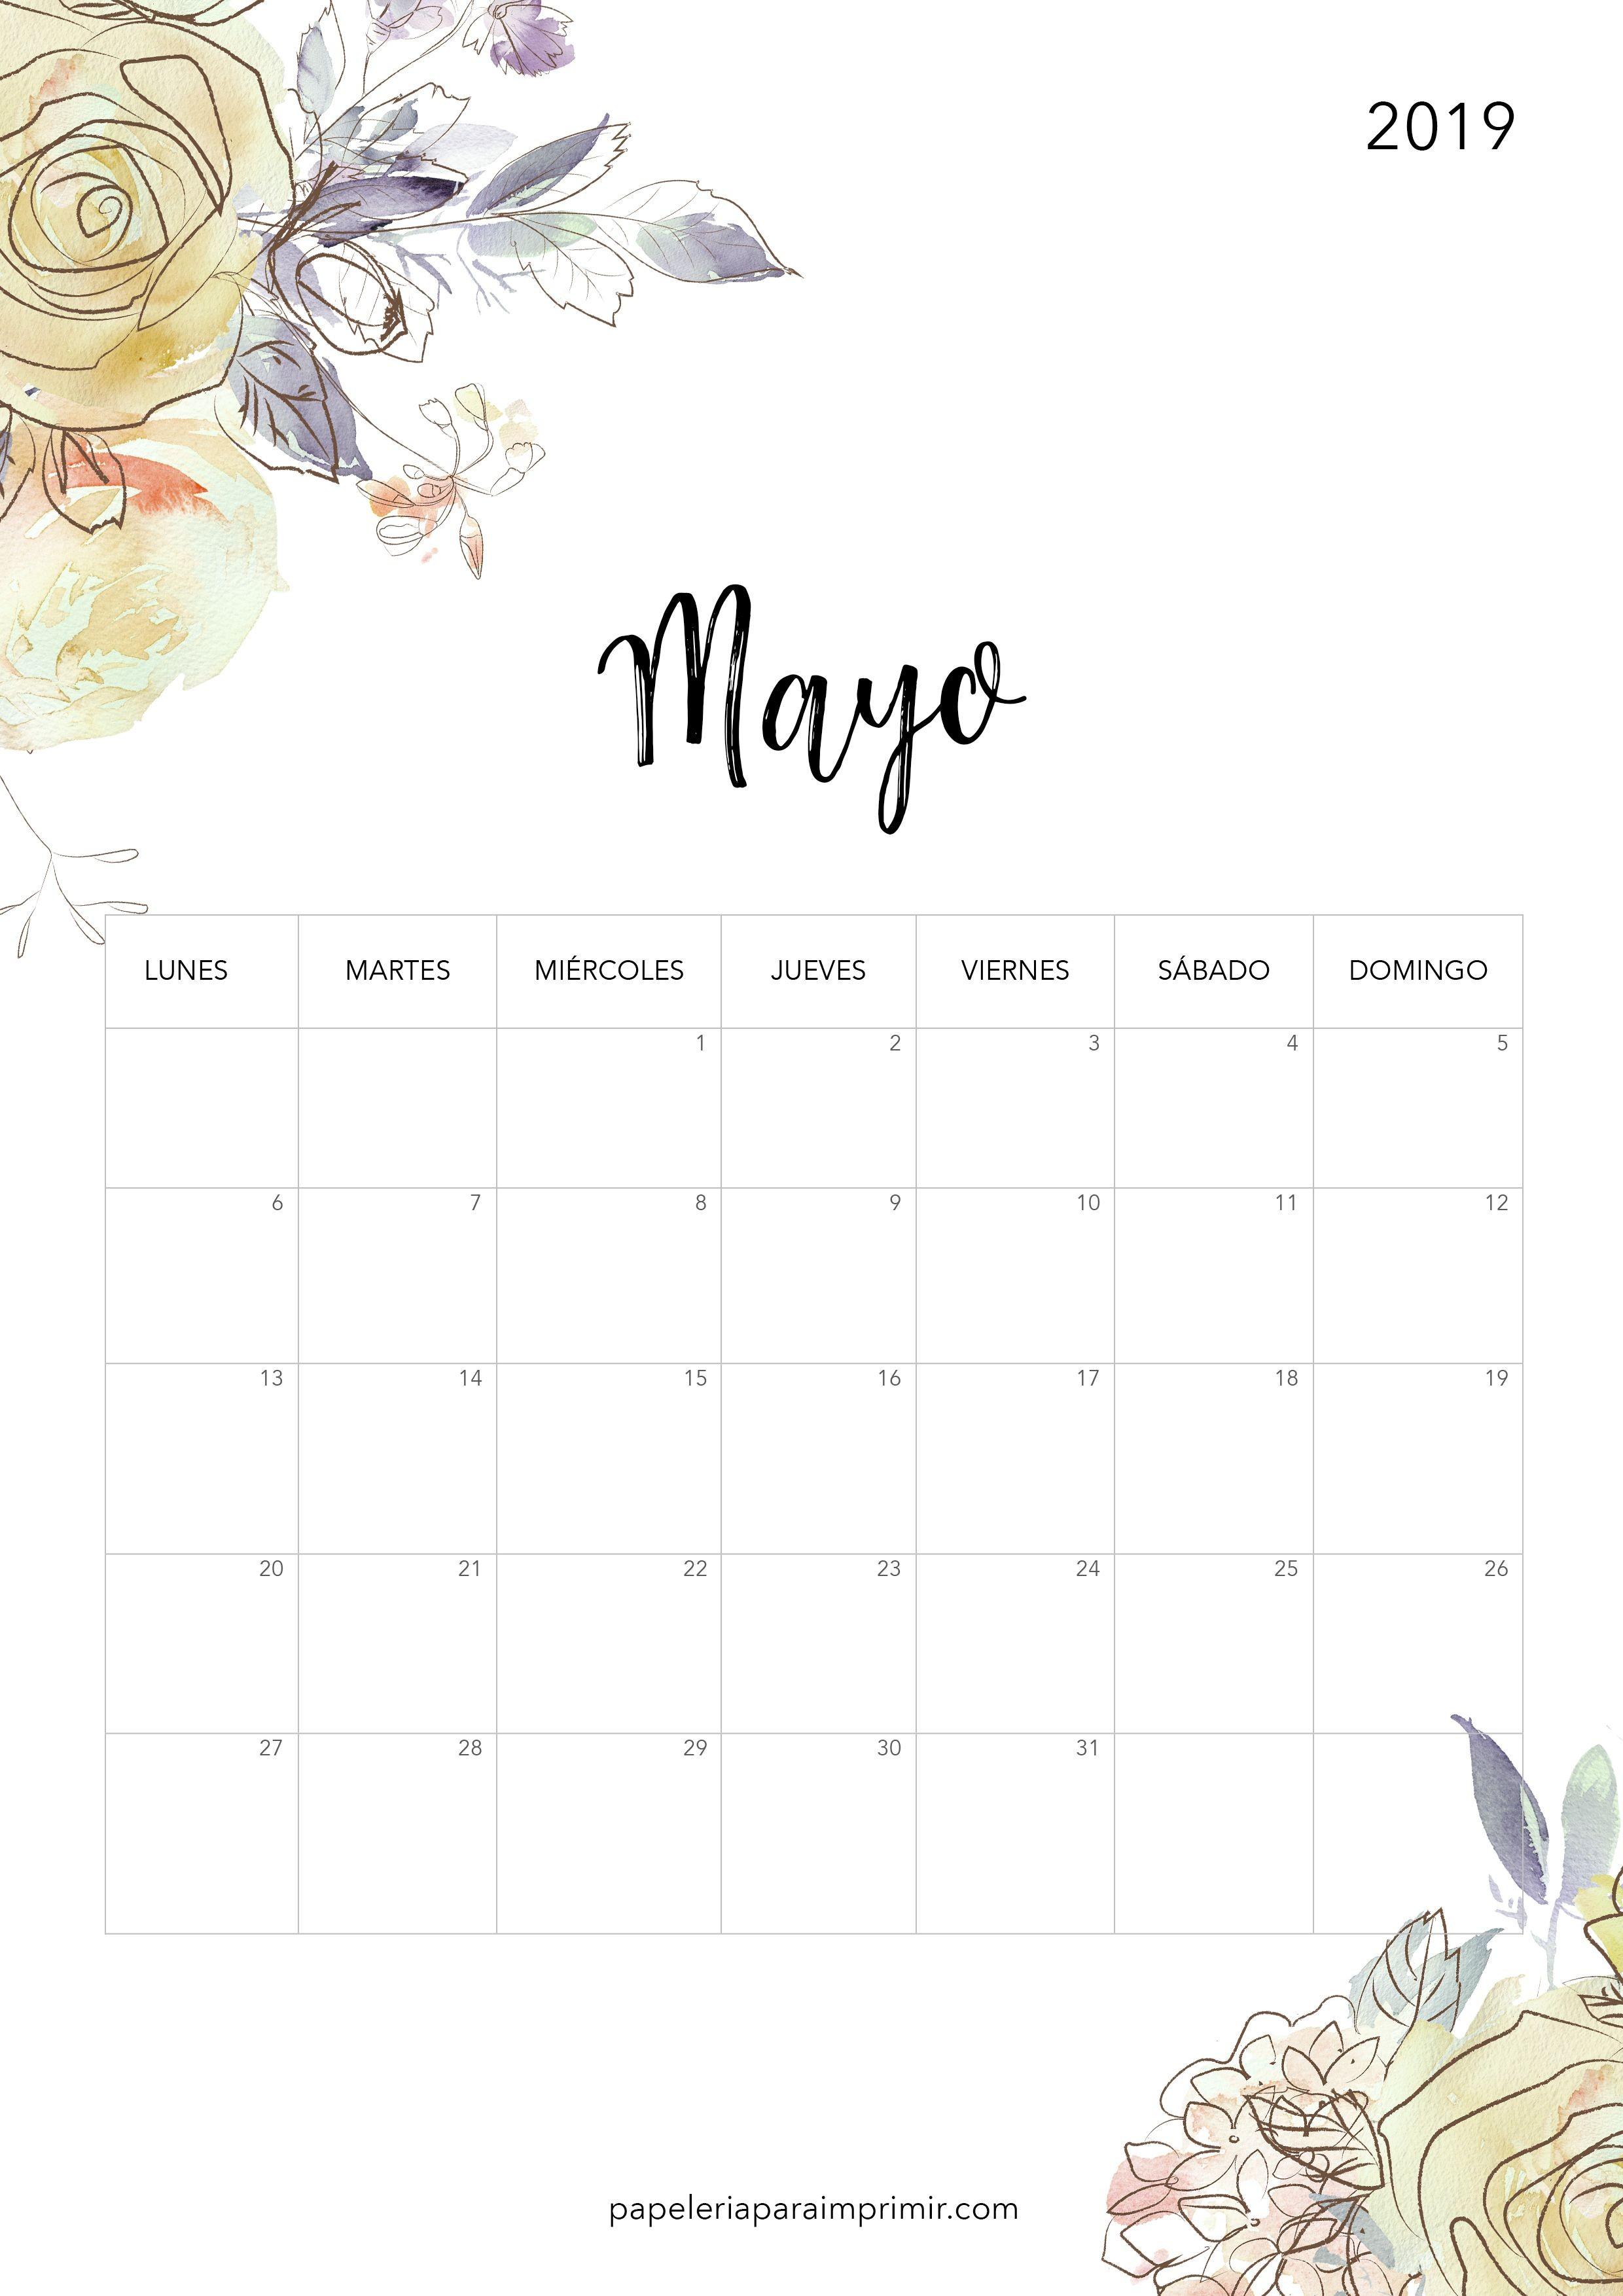 Calendario 2019 Imprimir A3 Más Populares Calendario Para Imprimir 2019 Mayo Calendario Calendari Freebie Of Calendario 2019 Imprimir A3 Más Caliente Planificador Calendario Pared Para A±o 2019 Vector Plantilla